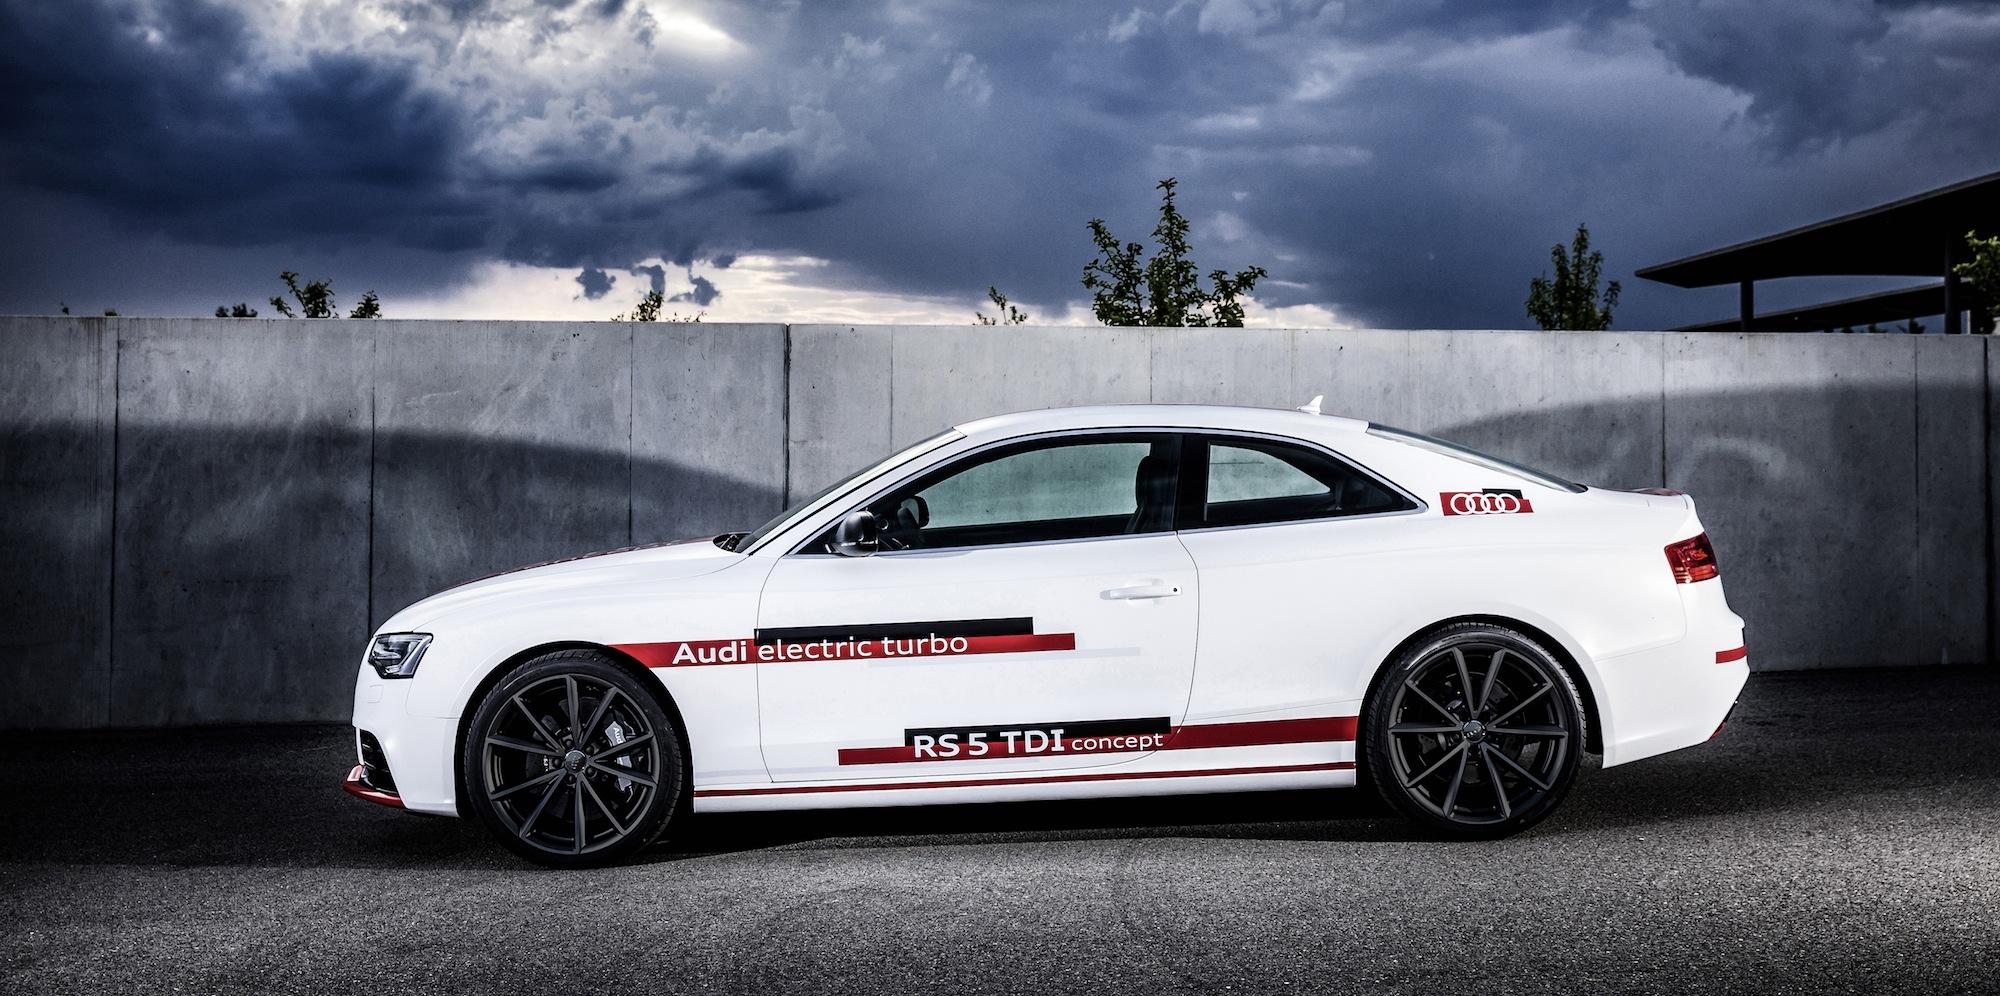 Audi RS5 TDI Concept Review - photos | CarAdvice